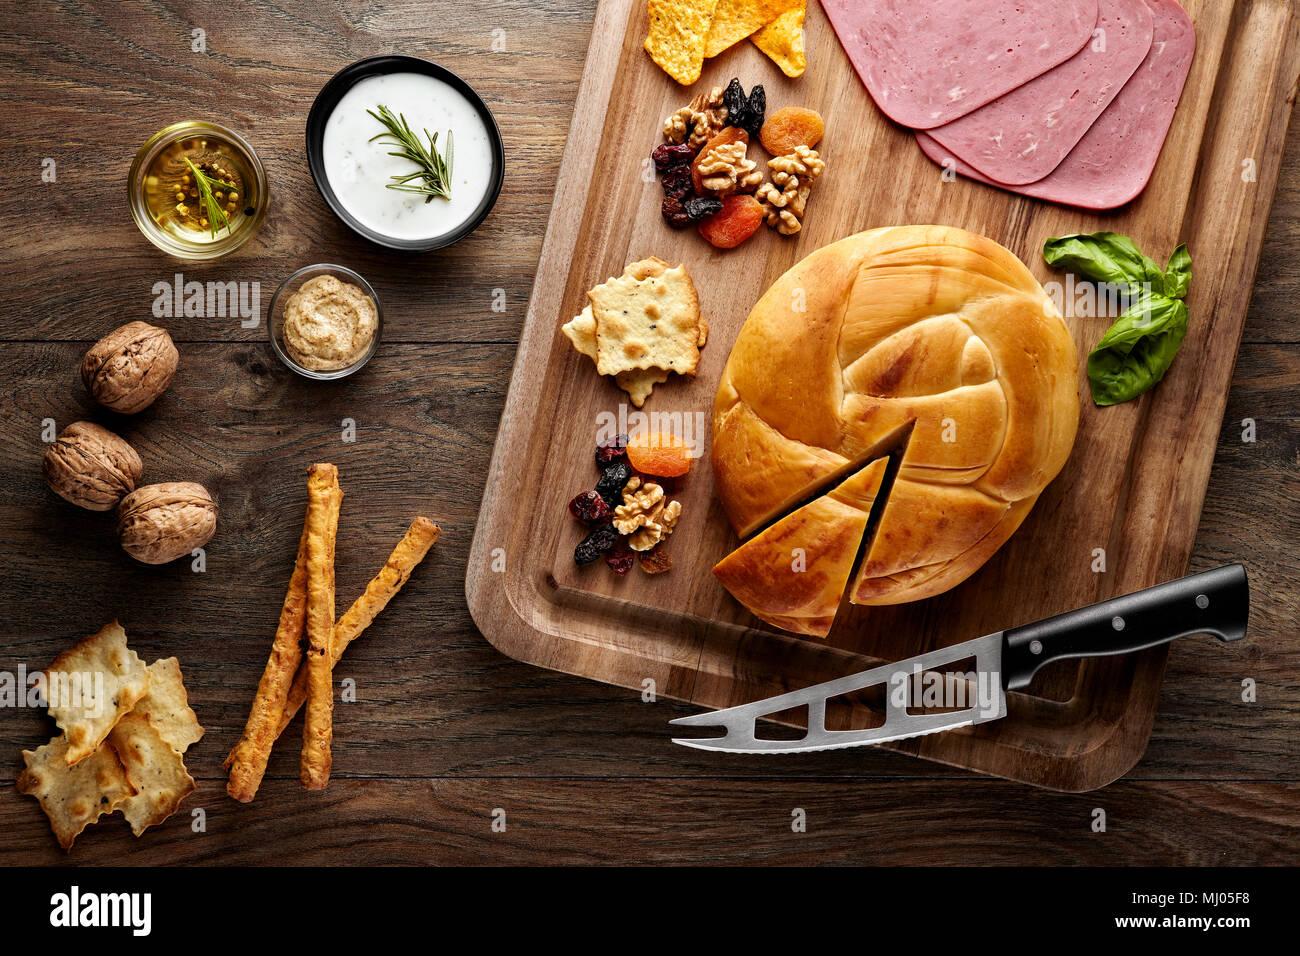 Queso ahumado turco en una mesa de madera decorada con accesorios de madera, placa de corte de cuchilla de queso, nueces, frutos secos, jamón y aceite de oliva Imagen De Stock